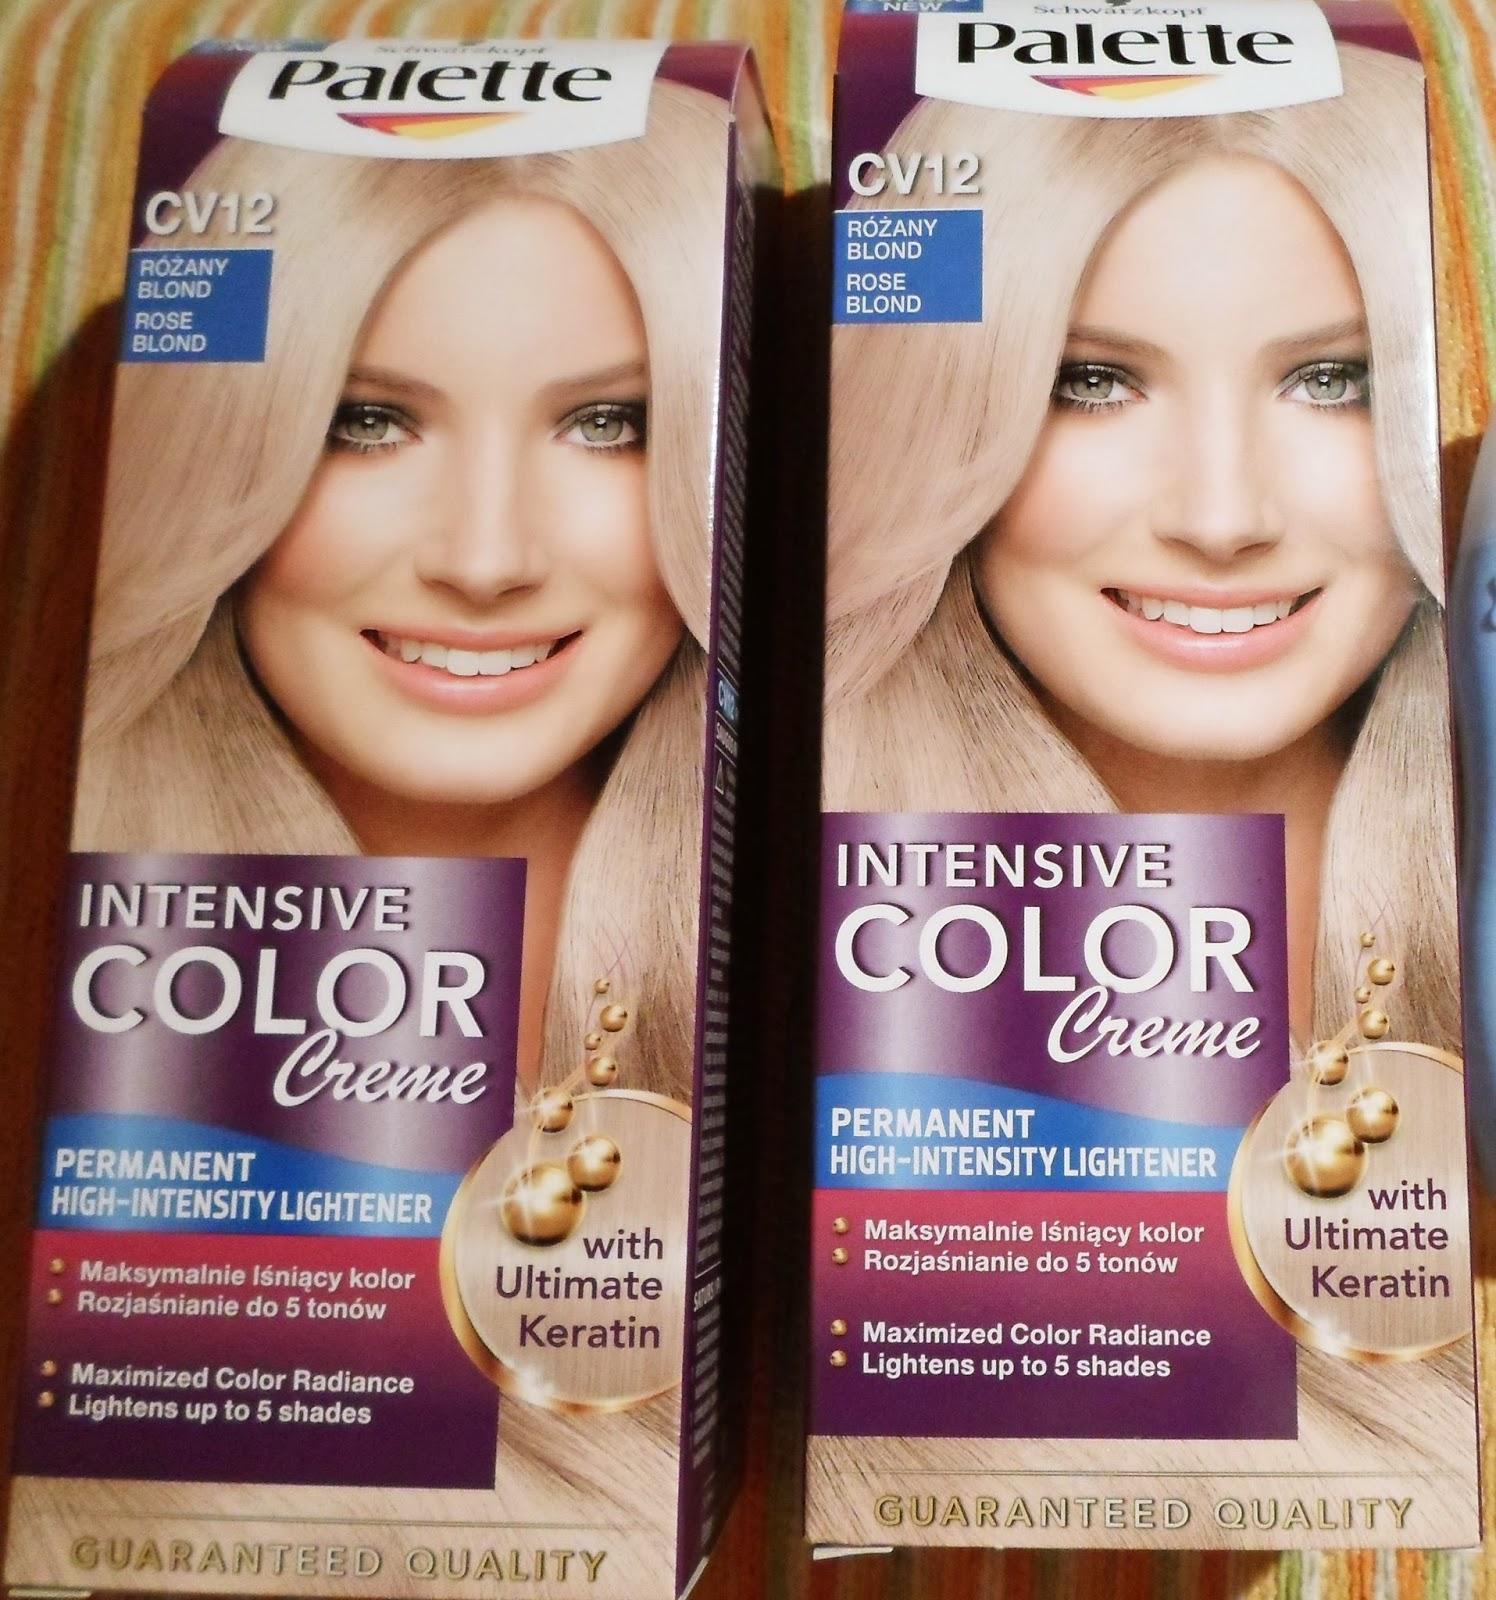 Kosmetyczne Fanaberie Palette Intensive Color Creme Cv12 Rozany Blond